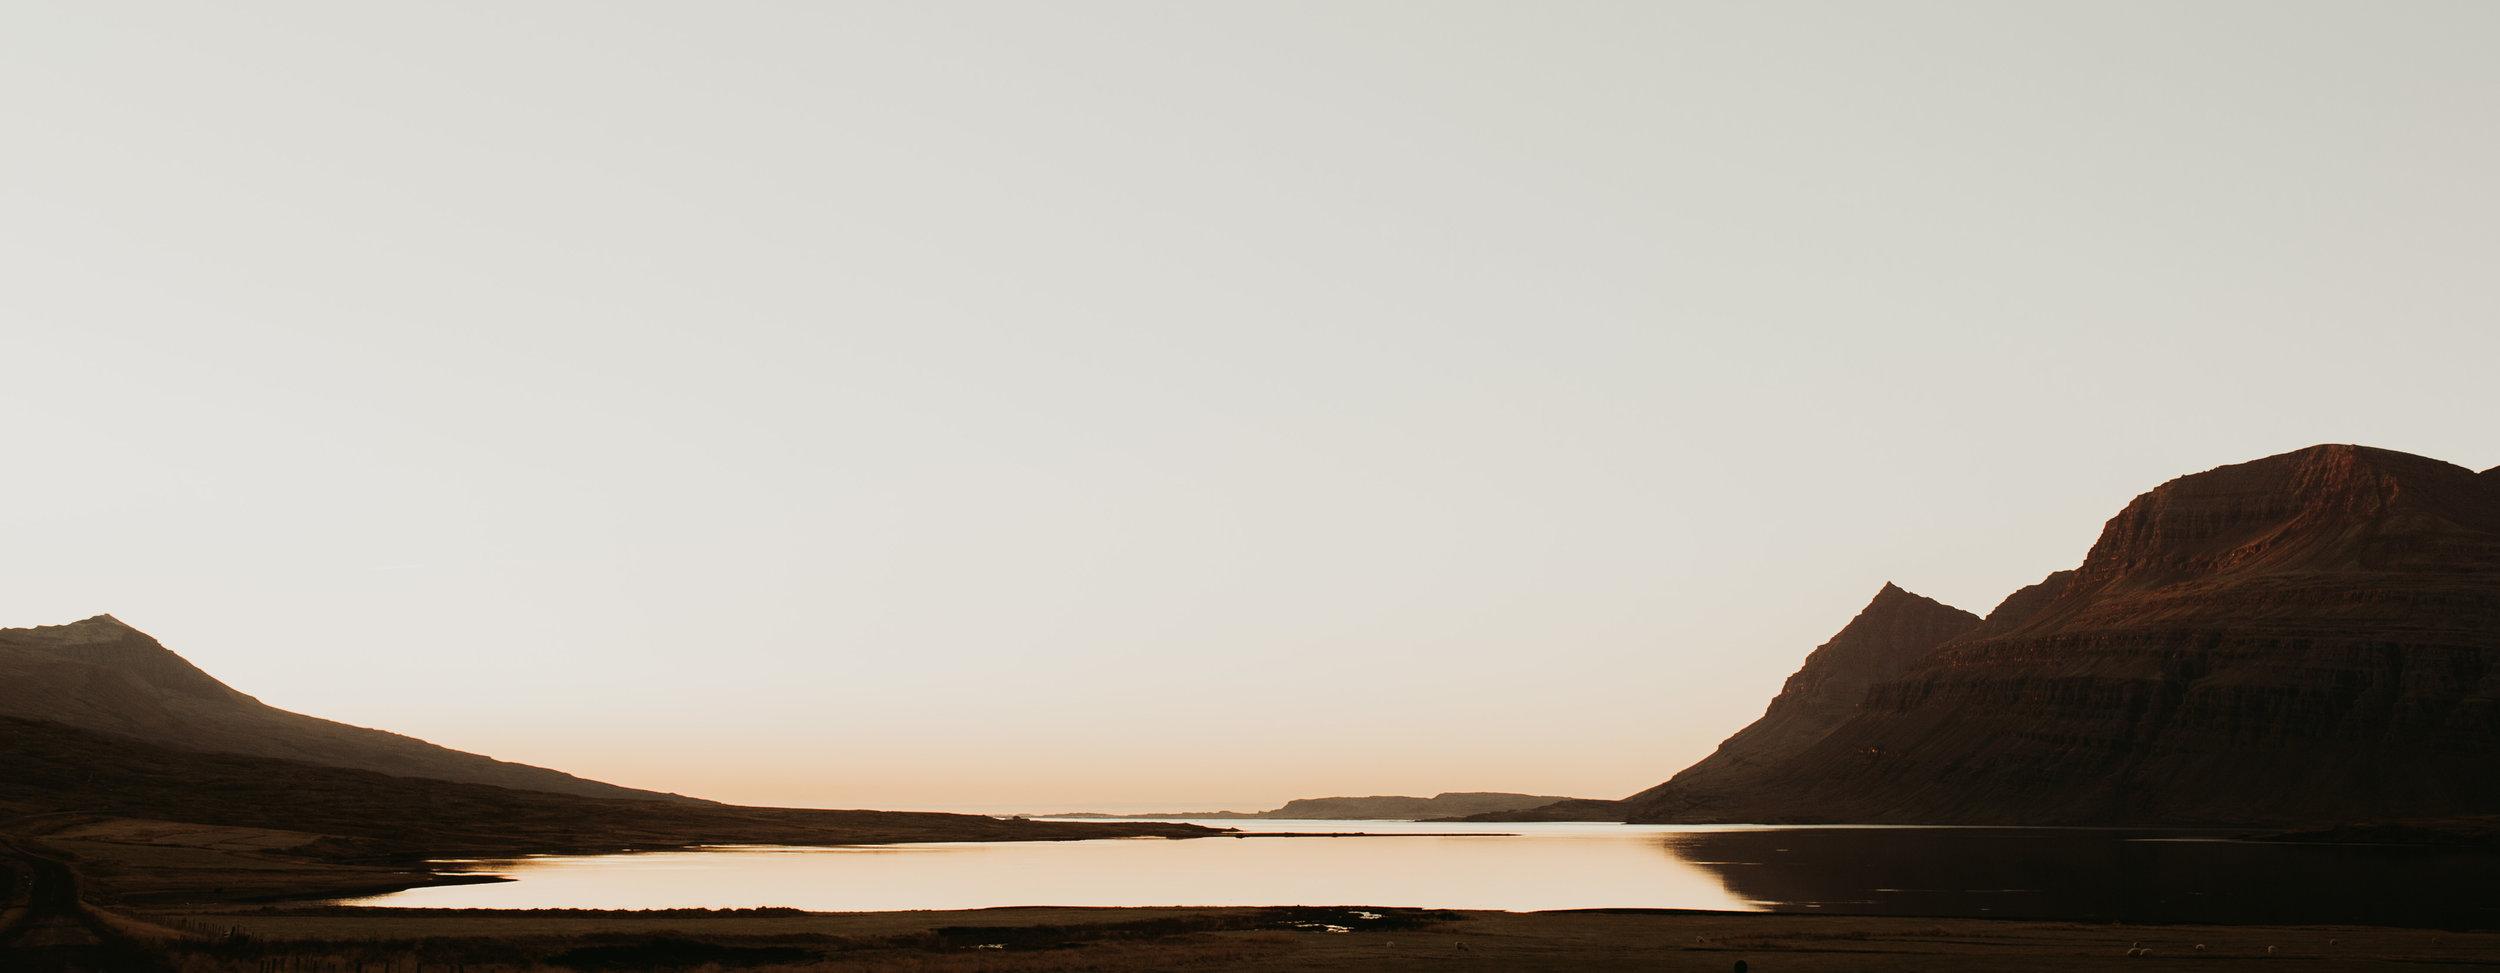 iceland-travel-tips-blog26.jpg